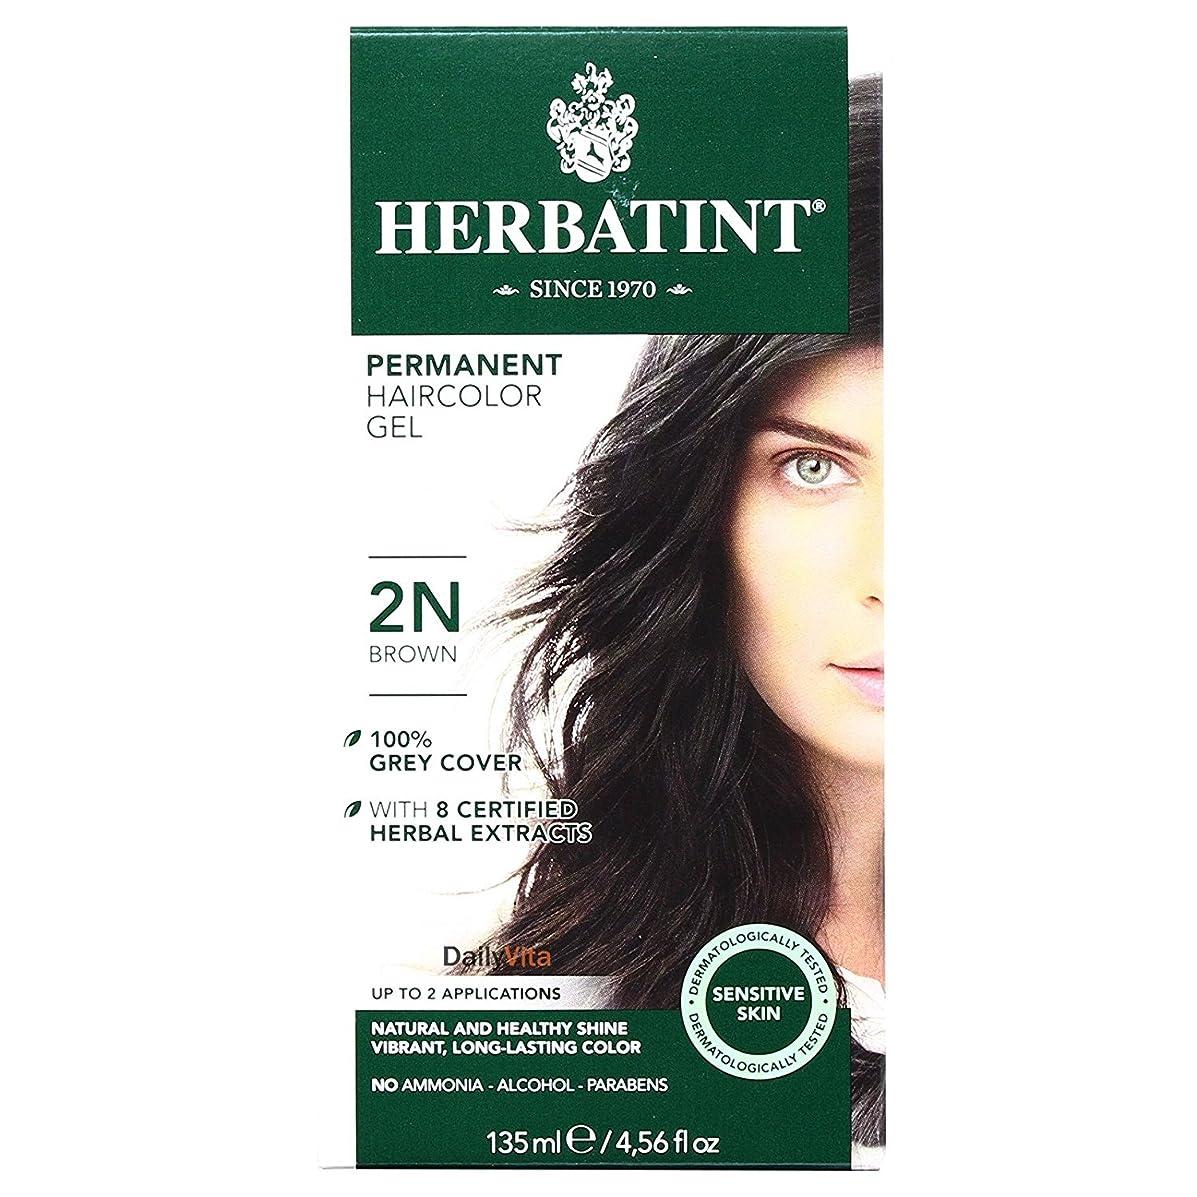 Herbatint Permanent Herbal Hair Color Gel, Brown, 2N, 2 pk